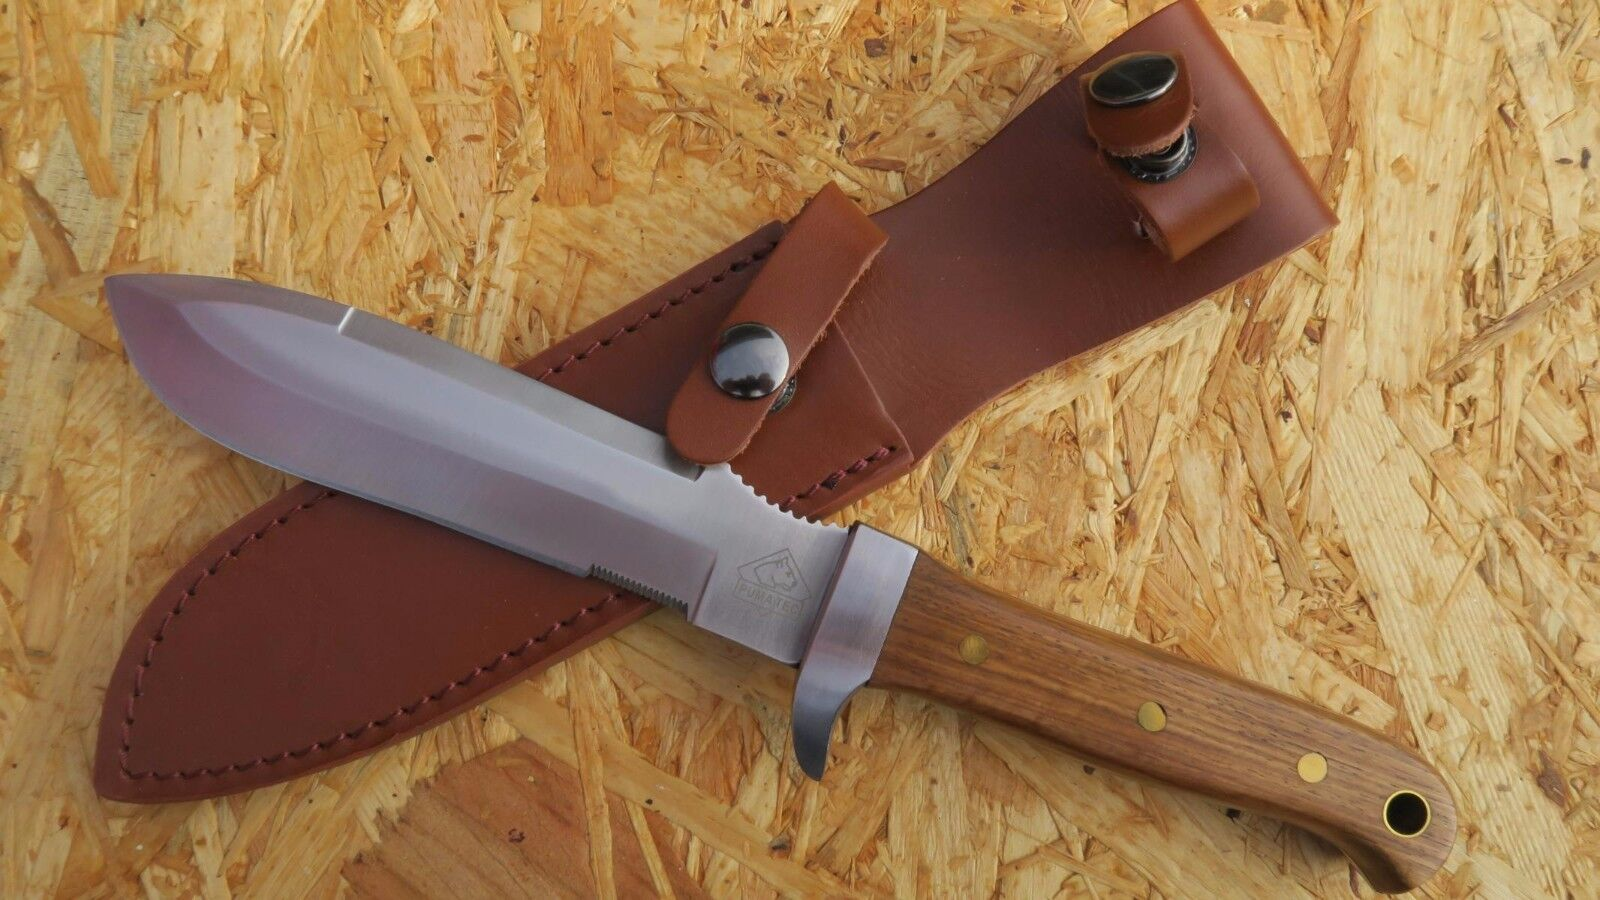 Puma TEC Jagdmesser Gürtelmesser Fahrtenmesser Jagd-Messer Outdoormesser 329416  | Online Shop Europe